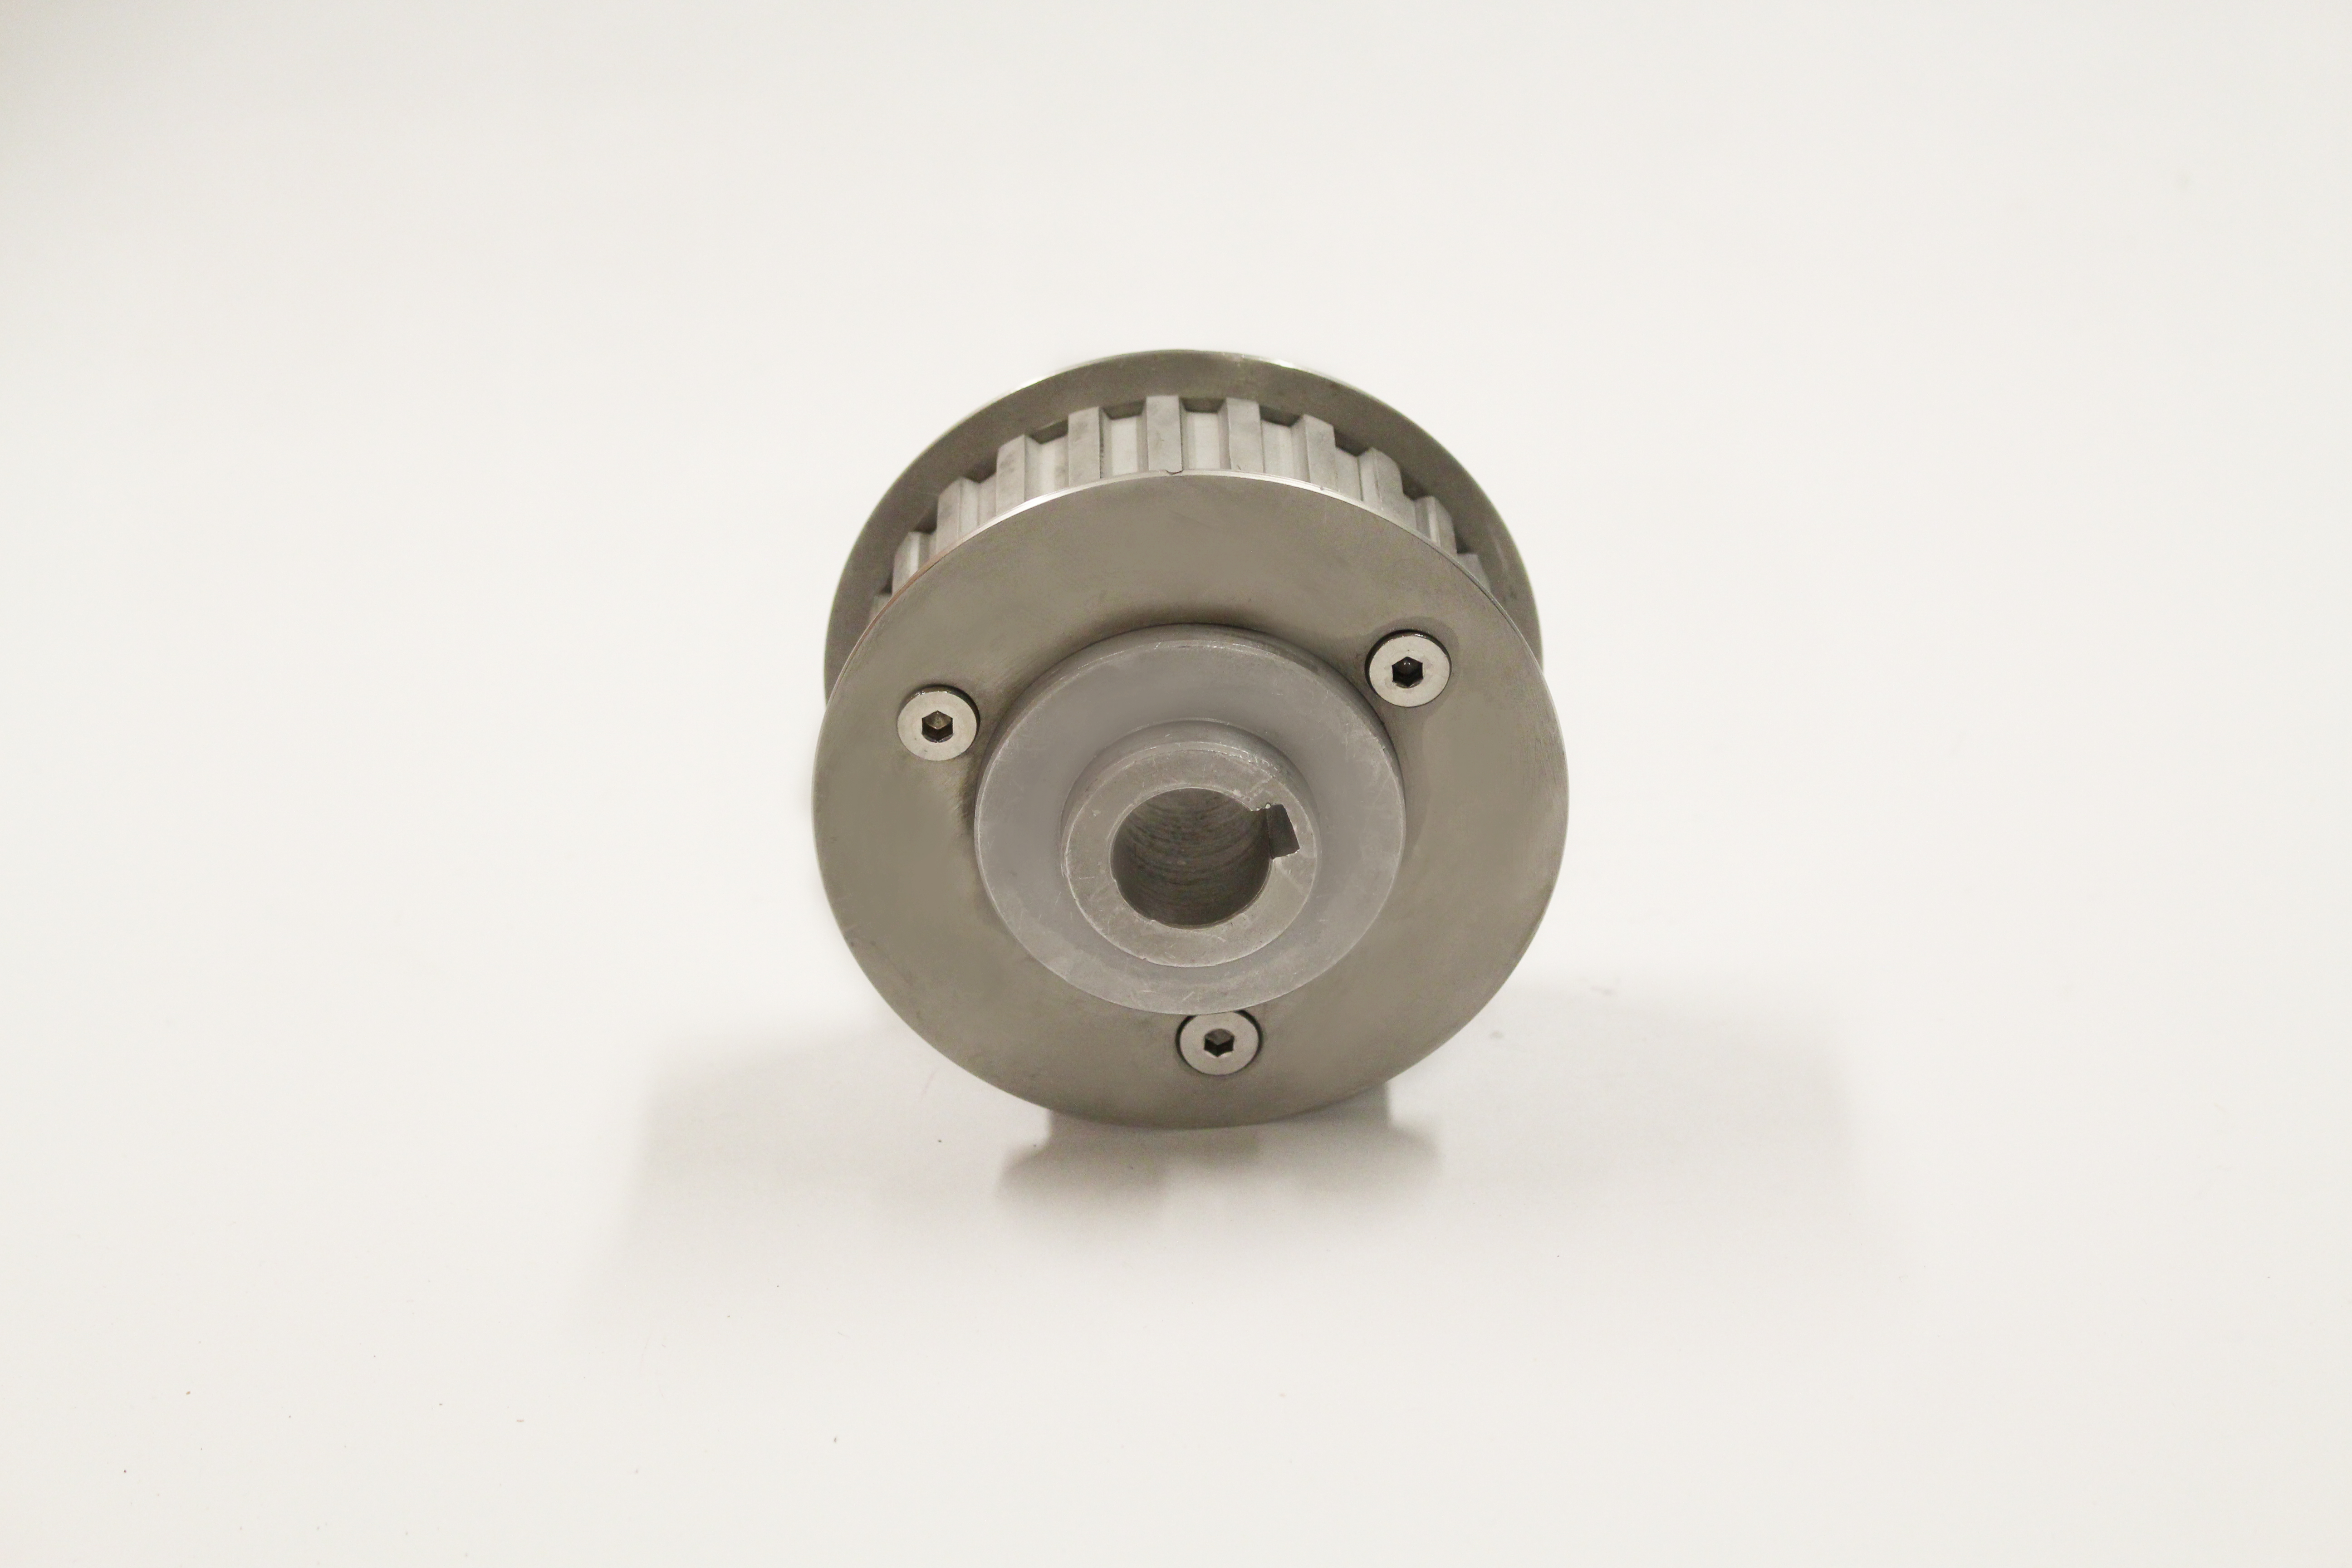 100x Pernos roscados con cabeza cilindrica M2.5x5mm DIN7985 acero galvanizado huella PH1 cruciforme Phillips C18025 AERZETIX